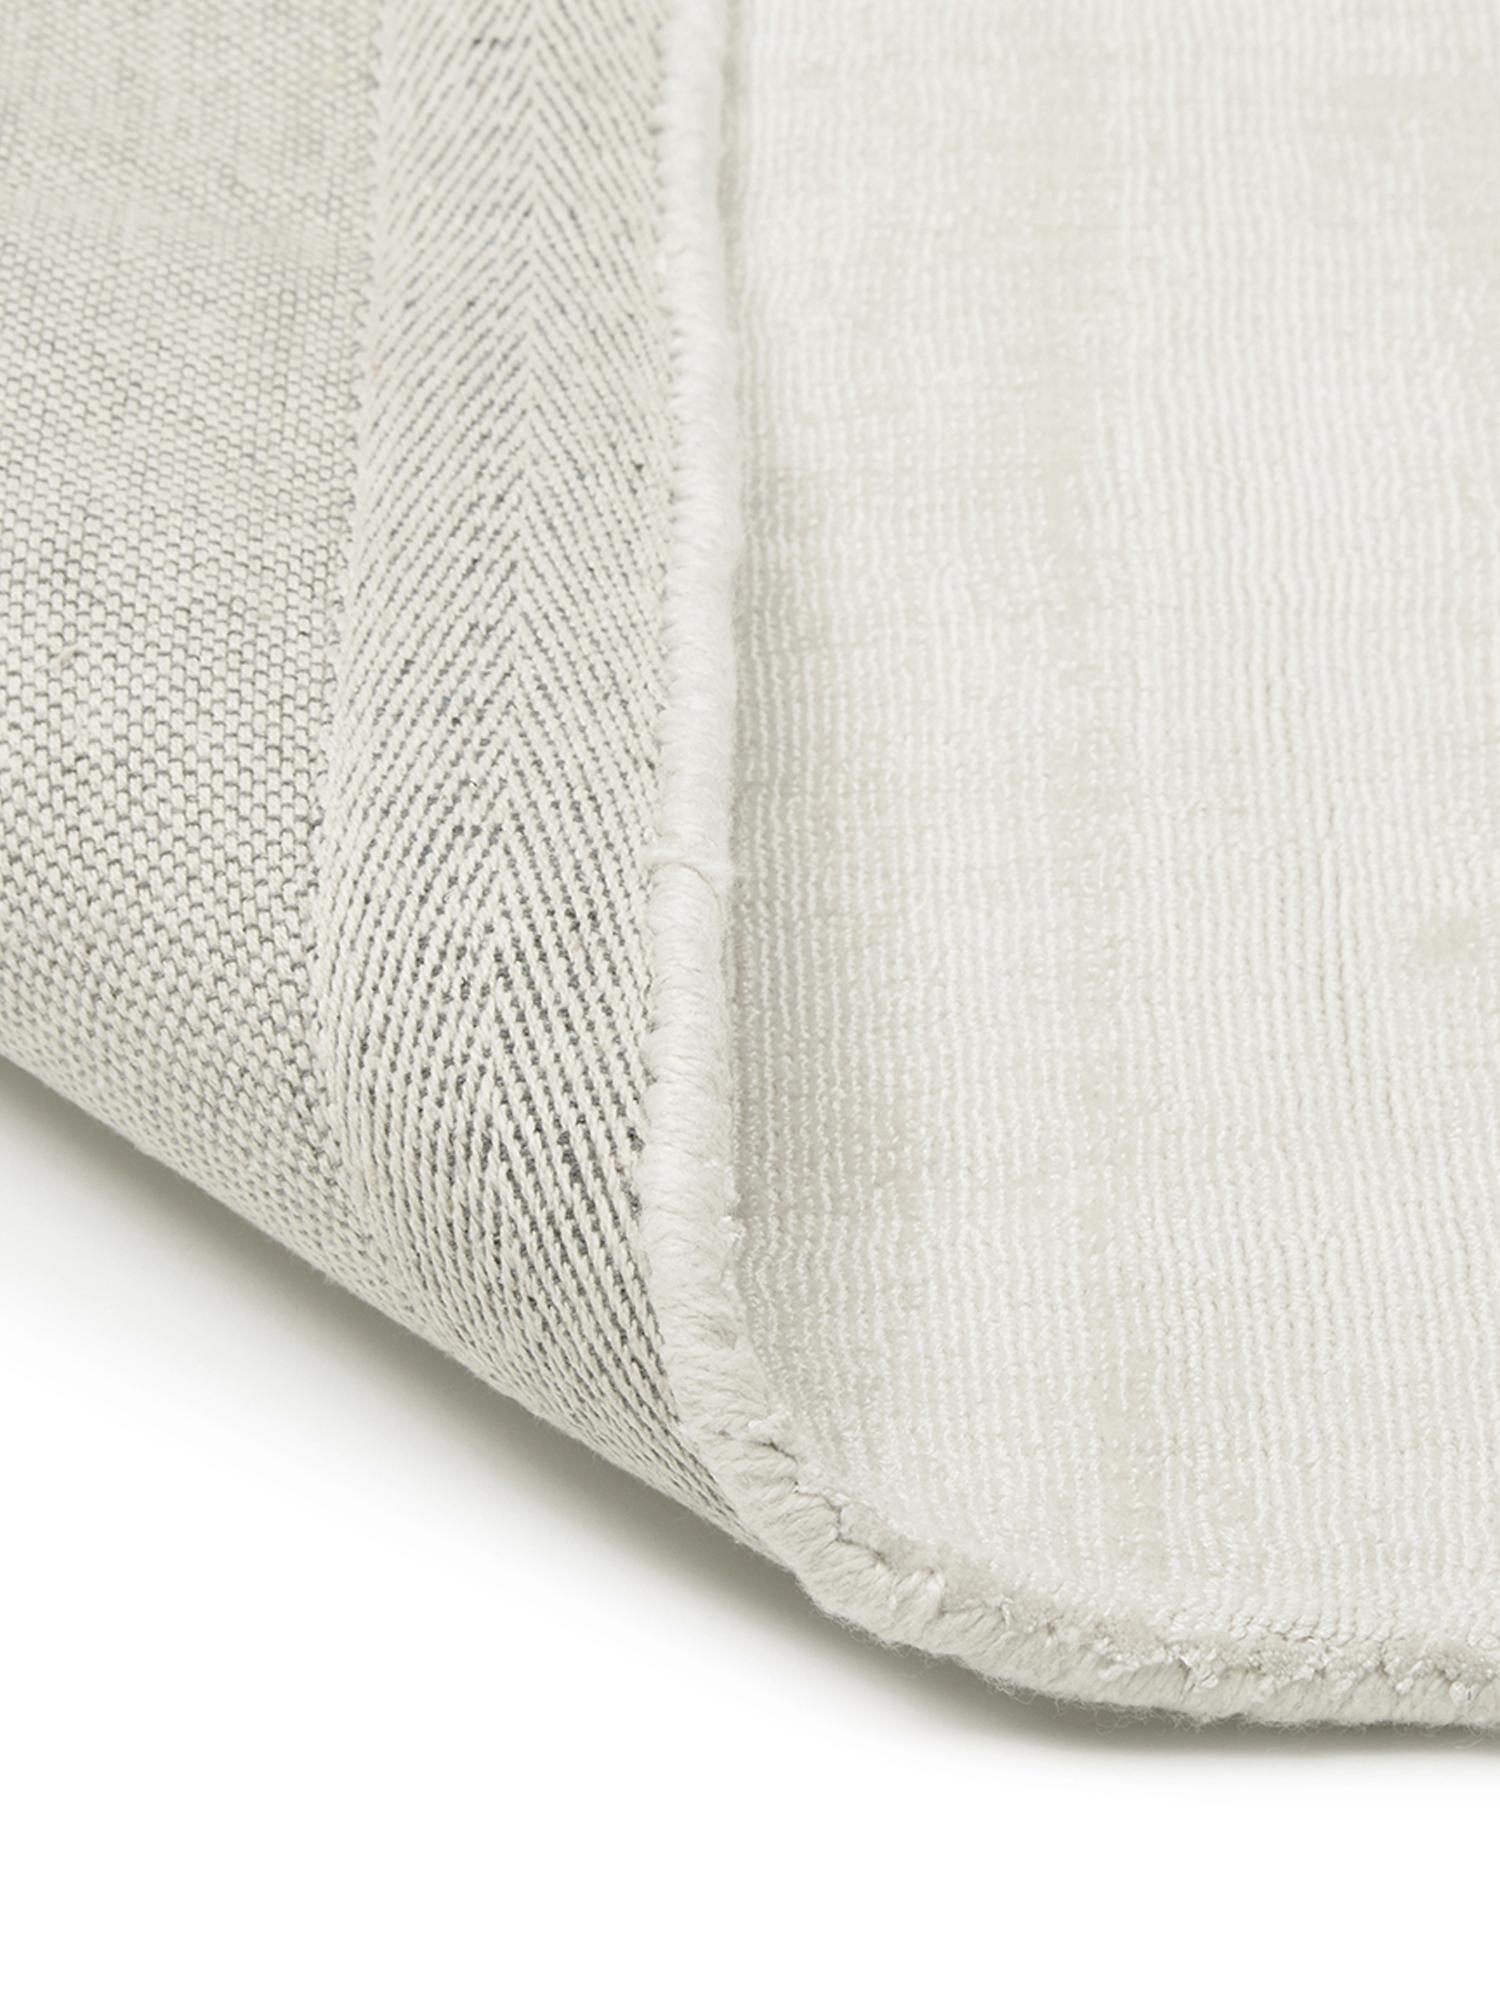 Alfombra artesanal de viscosa Jane, Parte superior: 100%viscosa, Reverso: 100%algodón, Marfil, An 90 x L 150 cm (Tamaño XS)